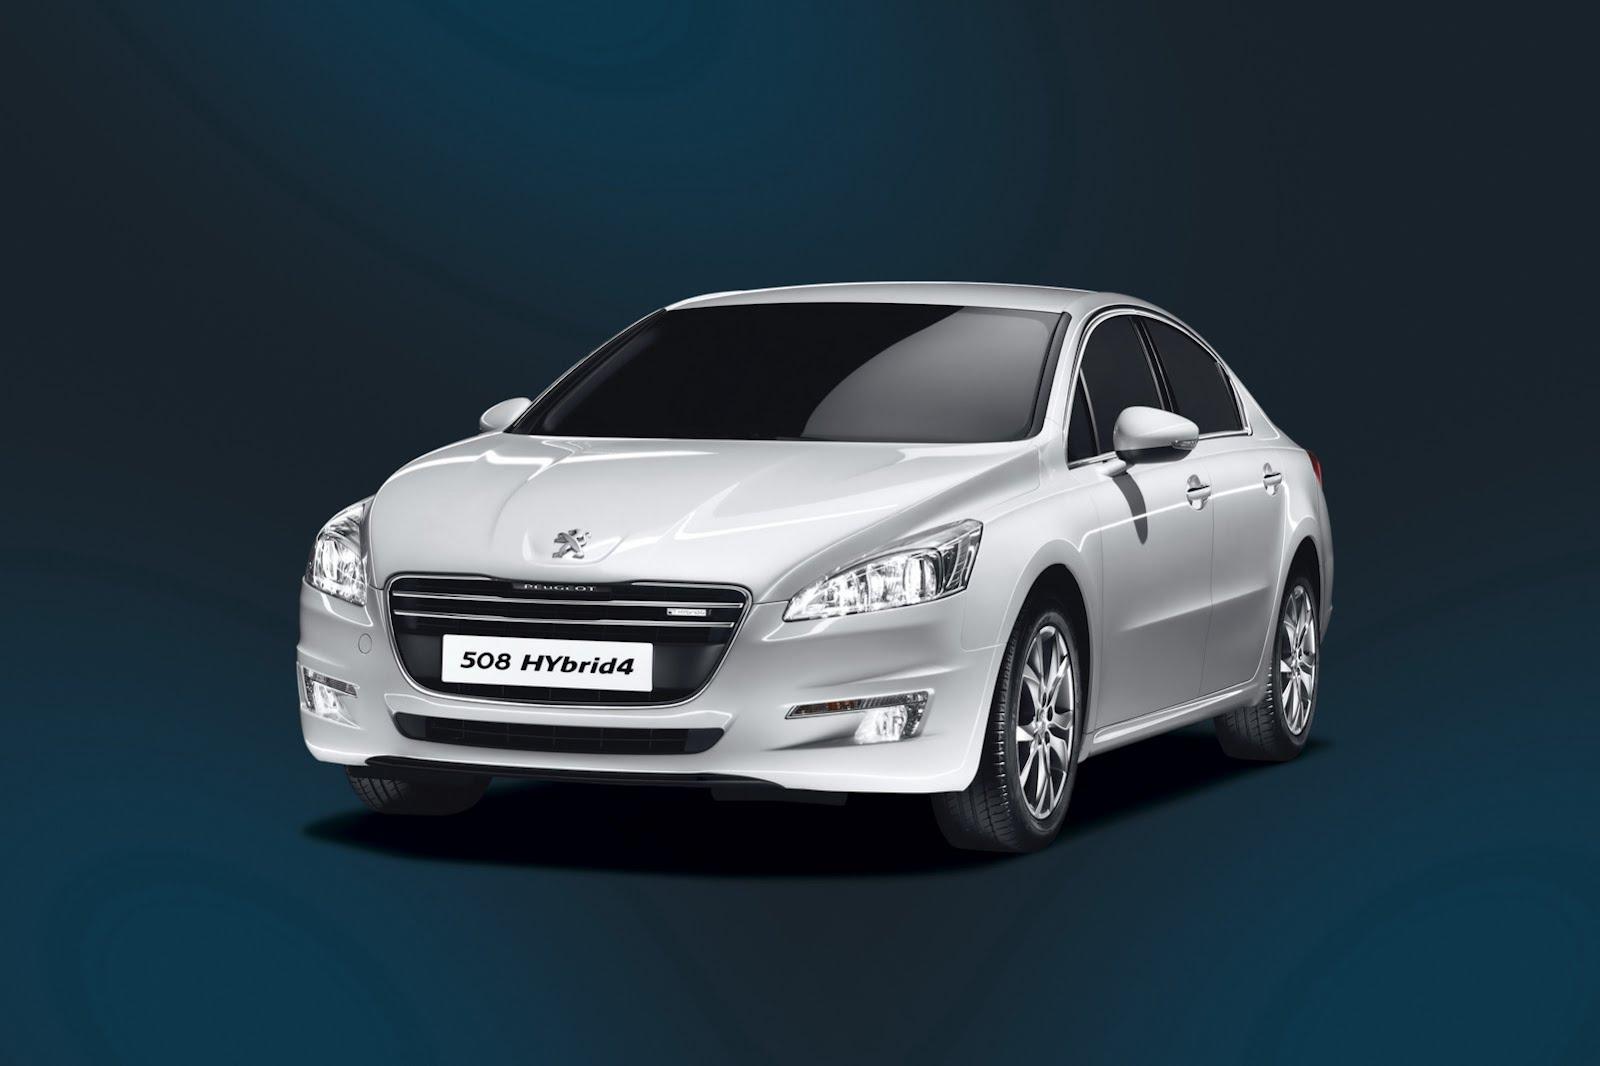 http://2.bp.blogspot.com/-z4wxvR43Pv4/T-OaBK8SceI/AAAAAAAAB6E/dtGNDz9f454/s1600/Peugeot-508-Hybrid4-01B.jpg